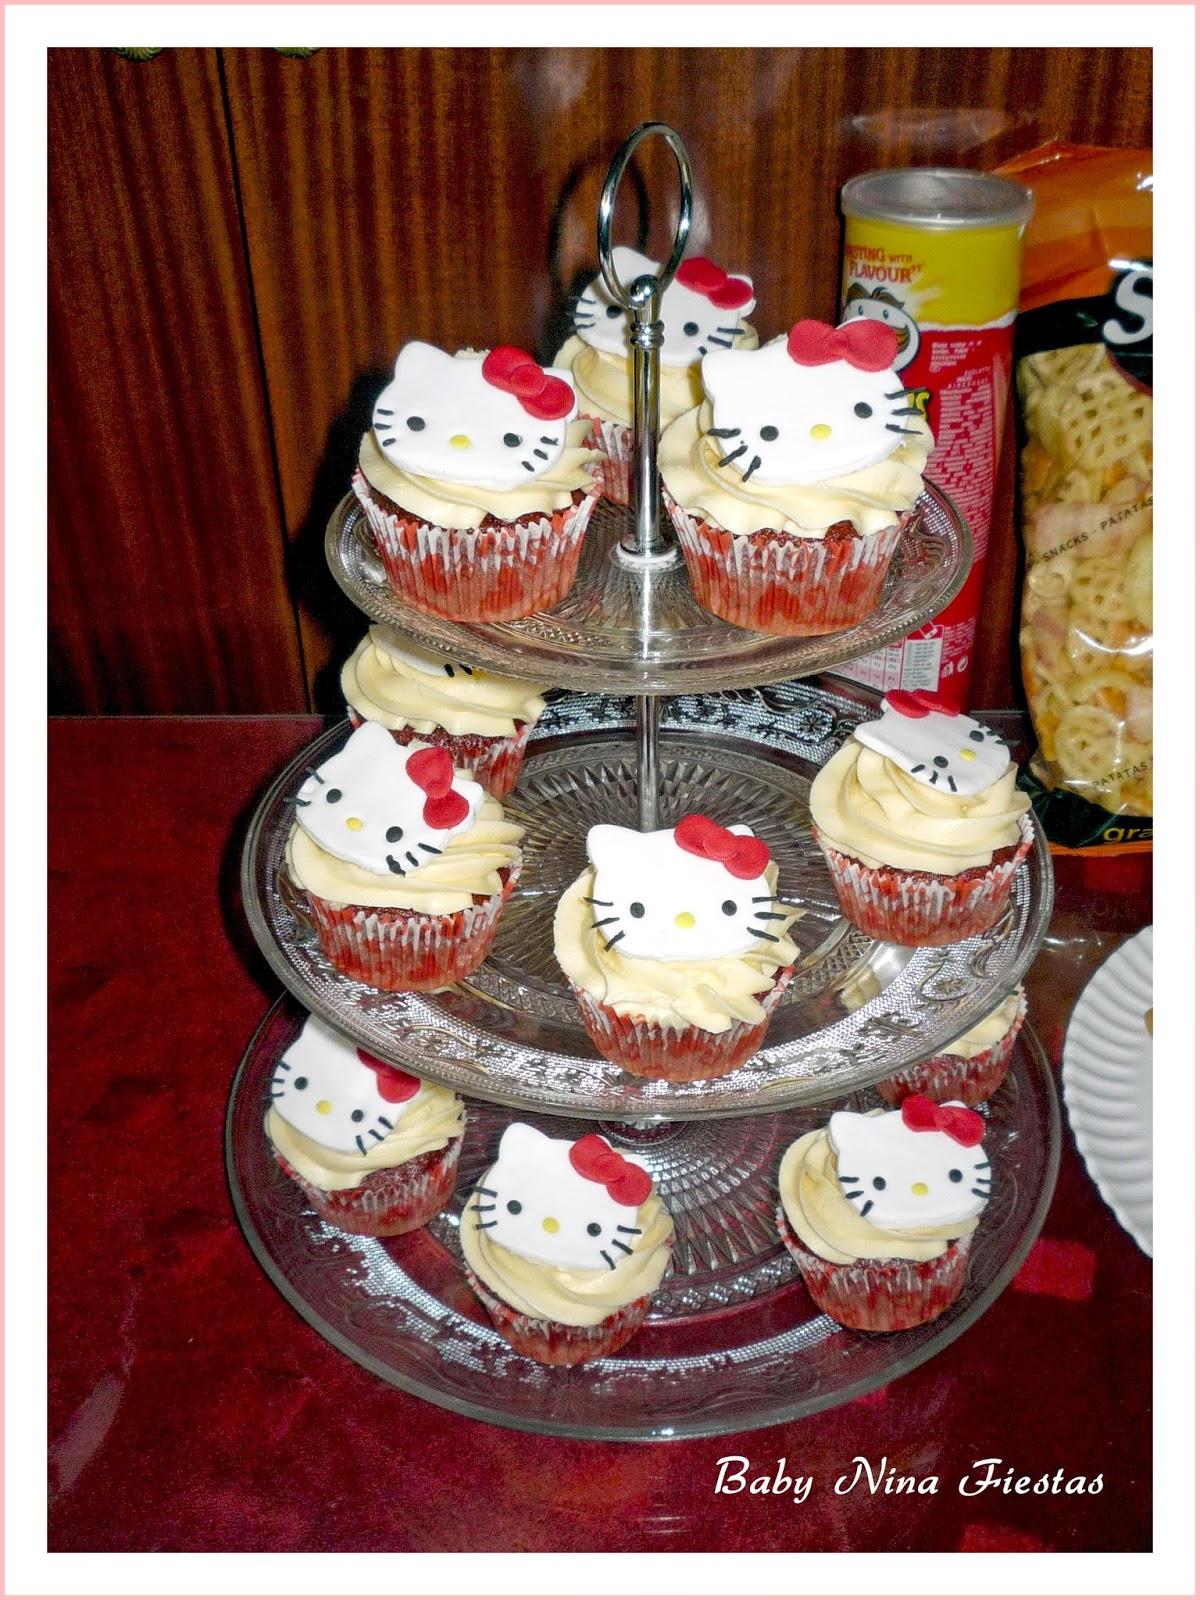 Baby nina fiestas fiesta hello kitty para el cumplea os - Fiesta sorpresa de cumpleanos para nina ...